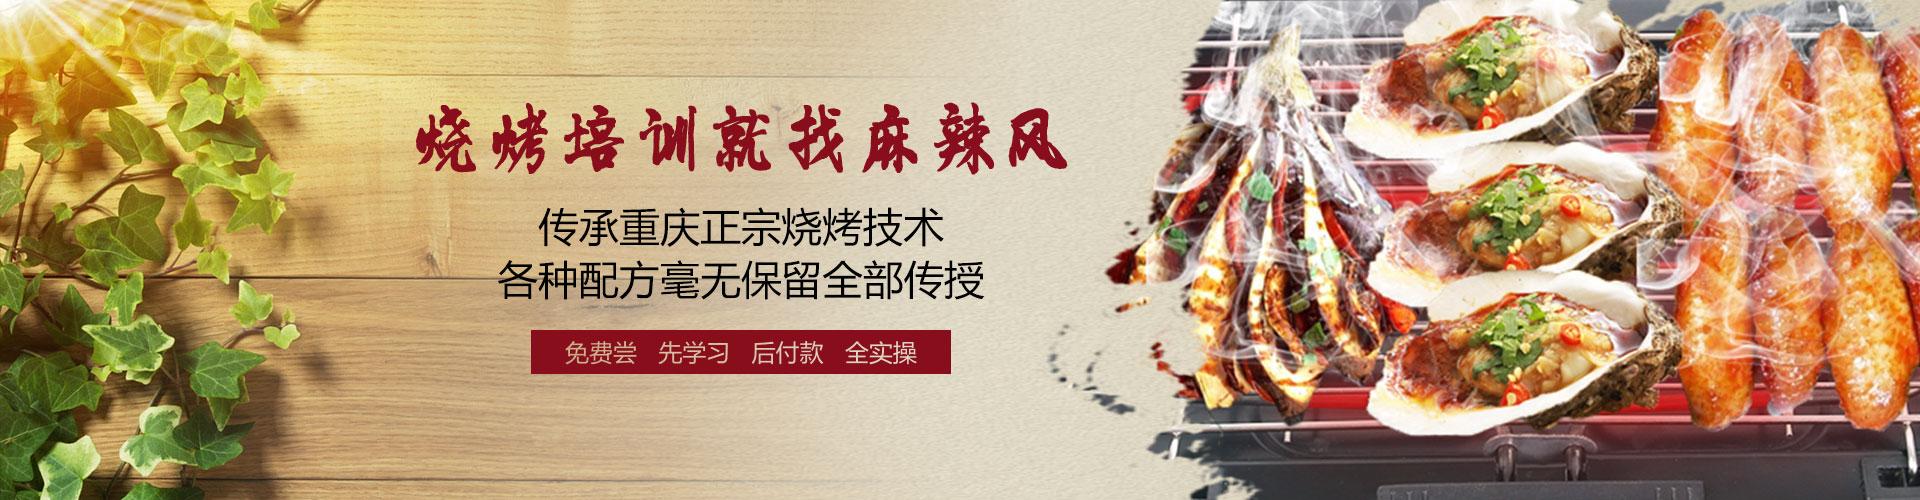 重庆烧烤培训